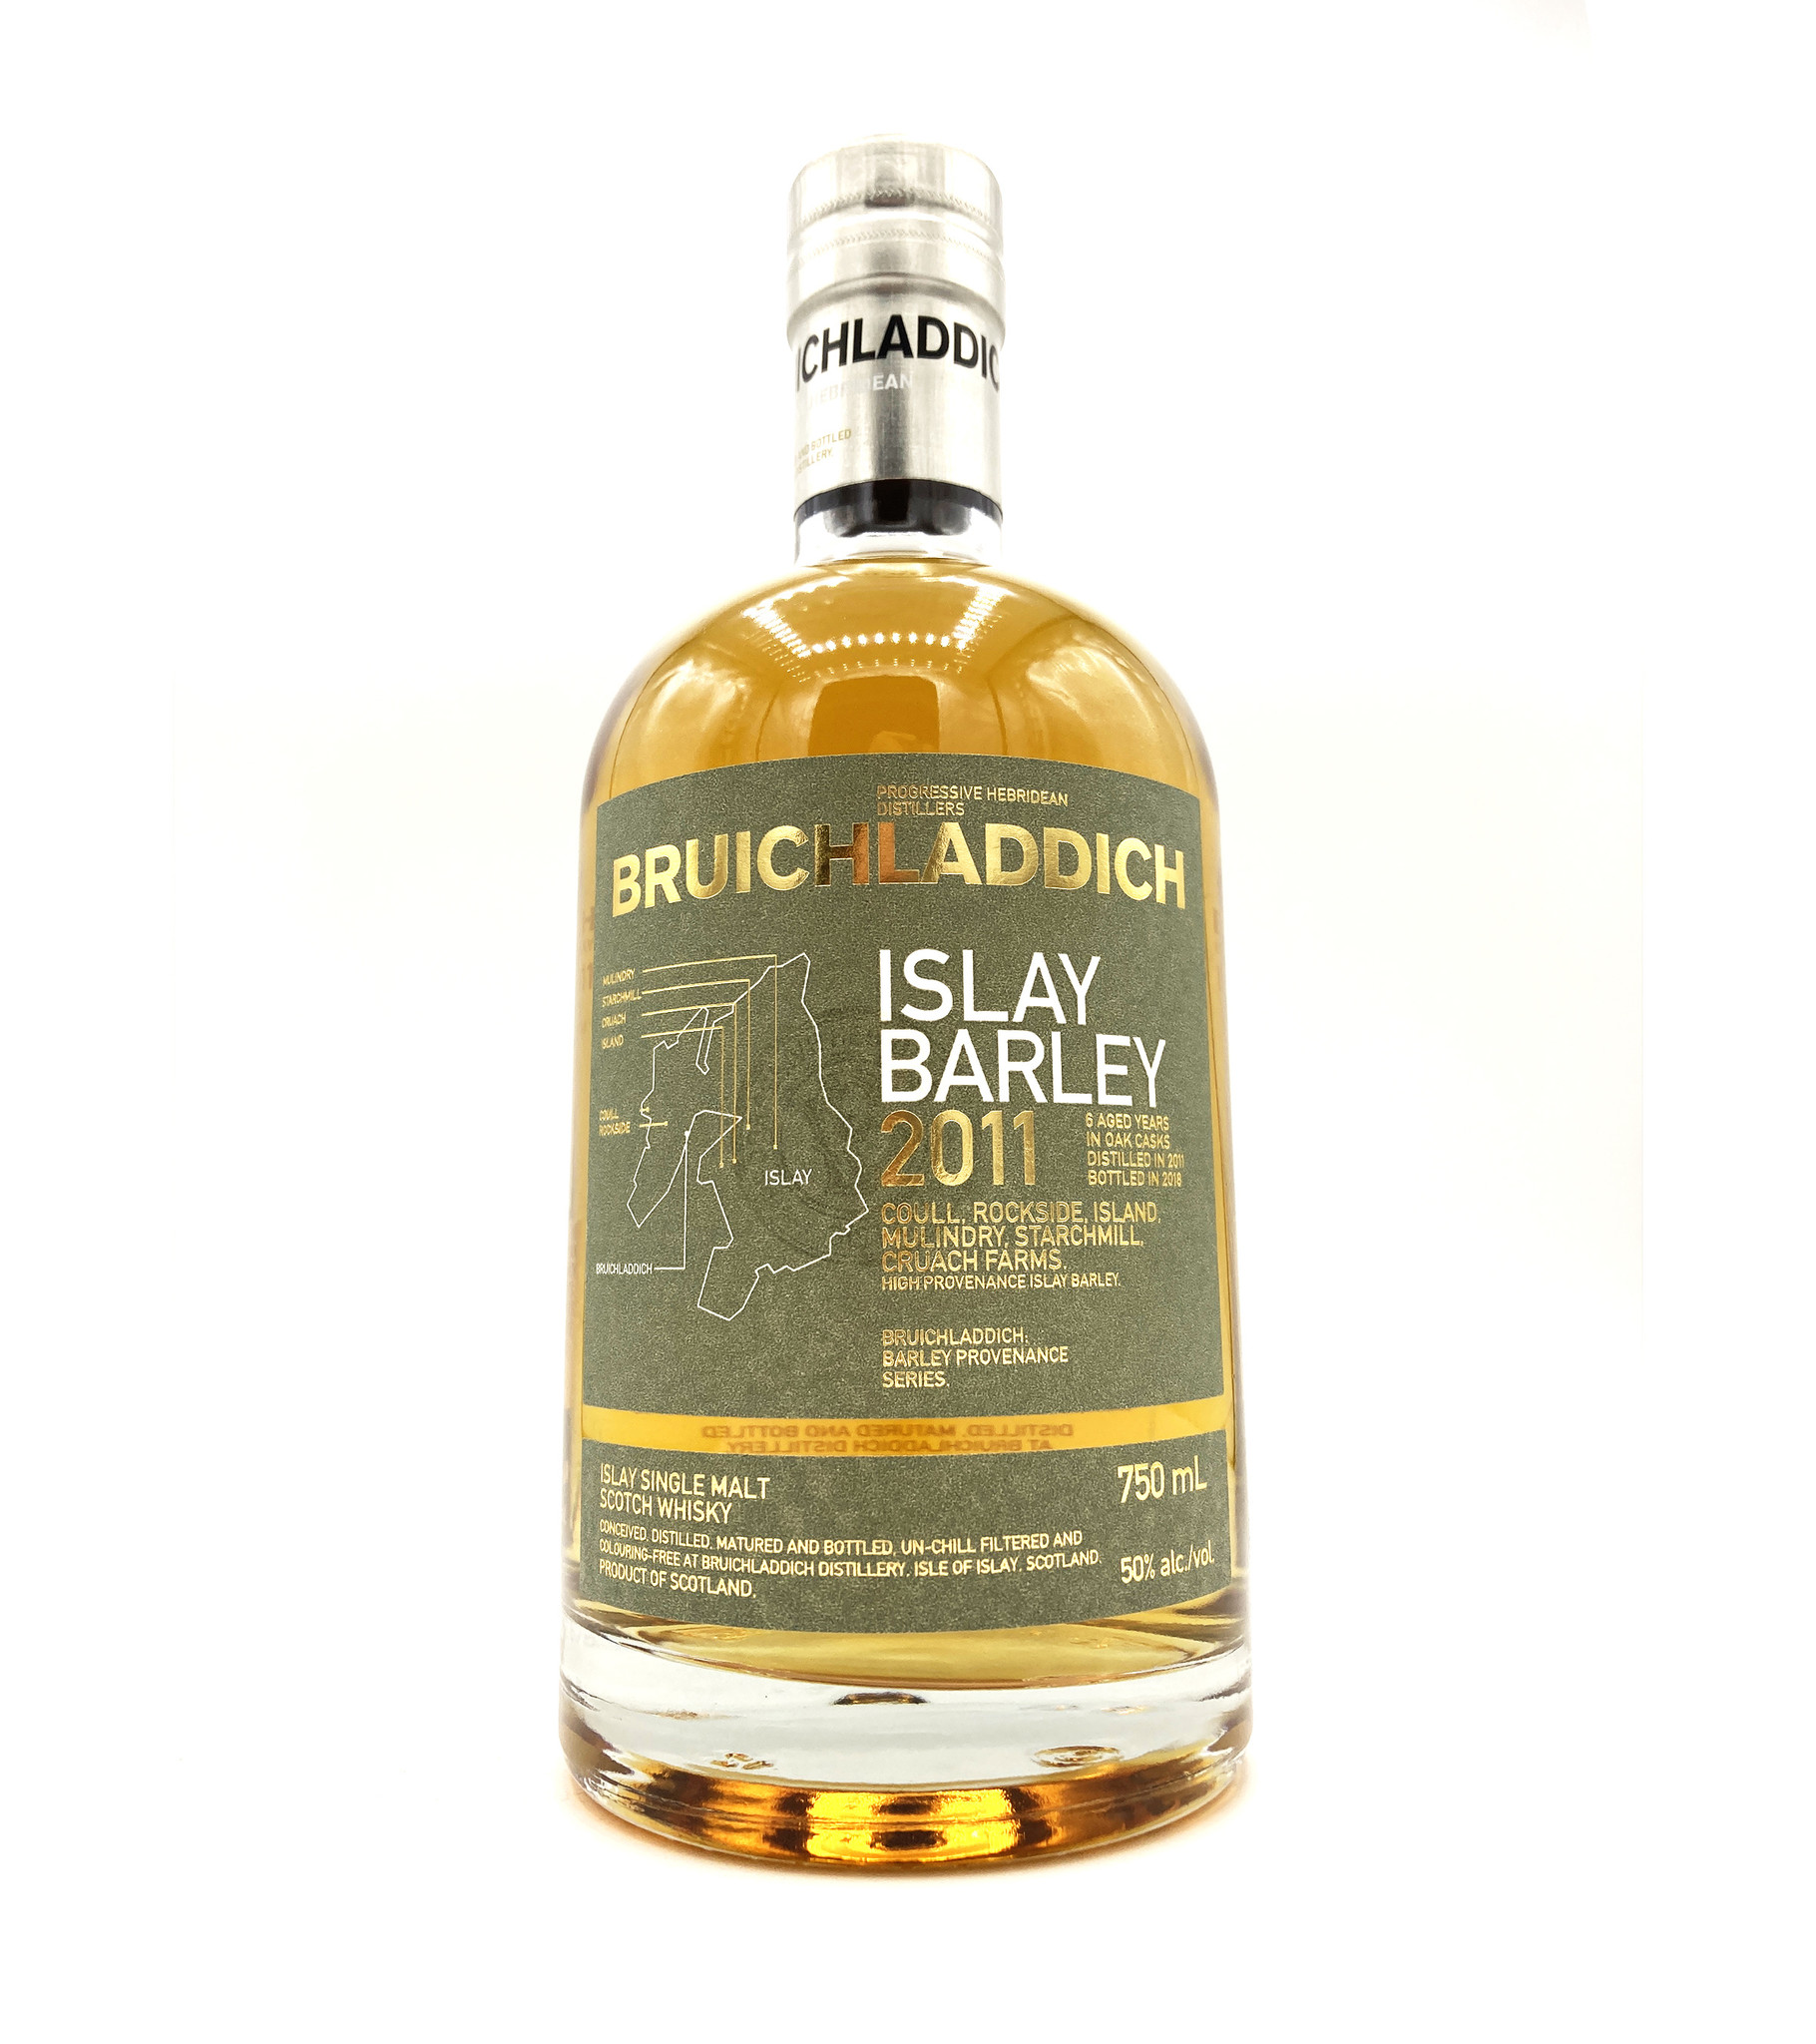 Bruichladdich 6 Year Unpeated Islay Barley Scotch